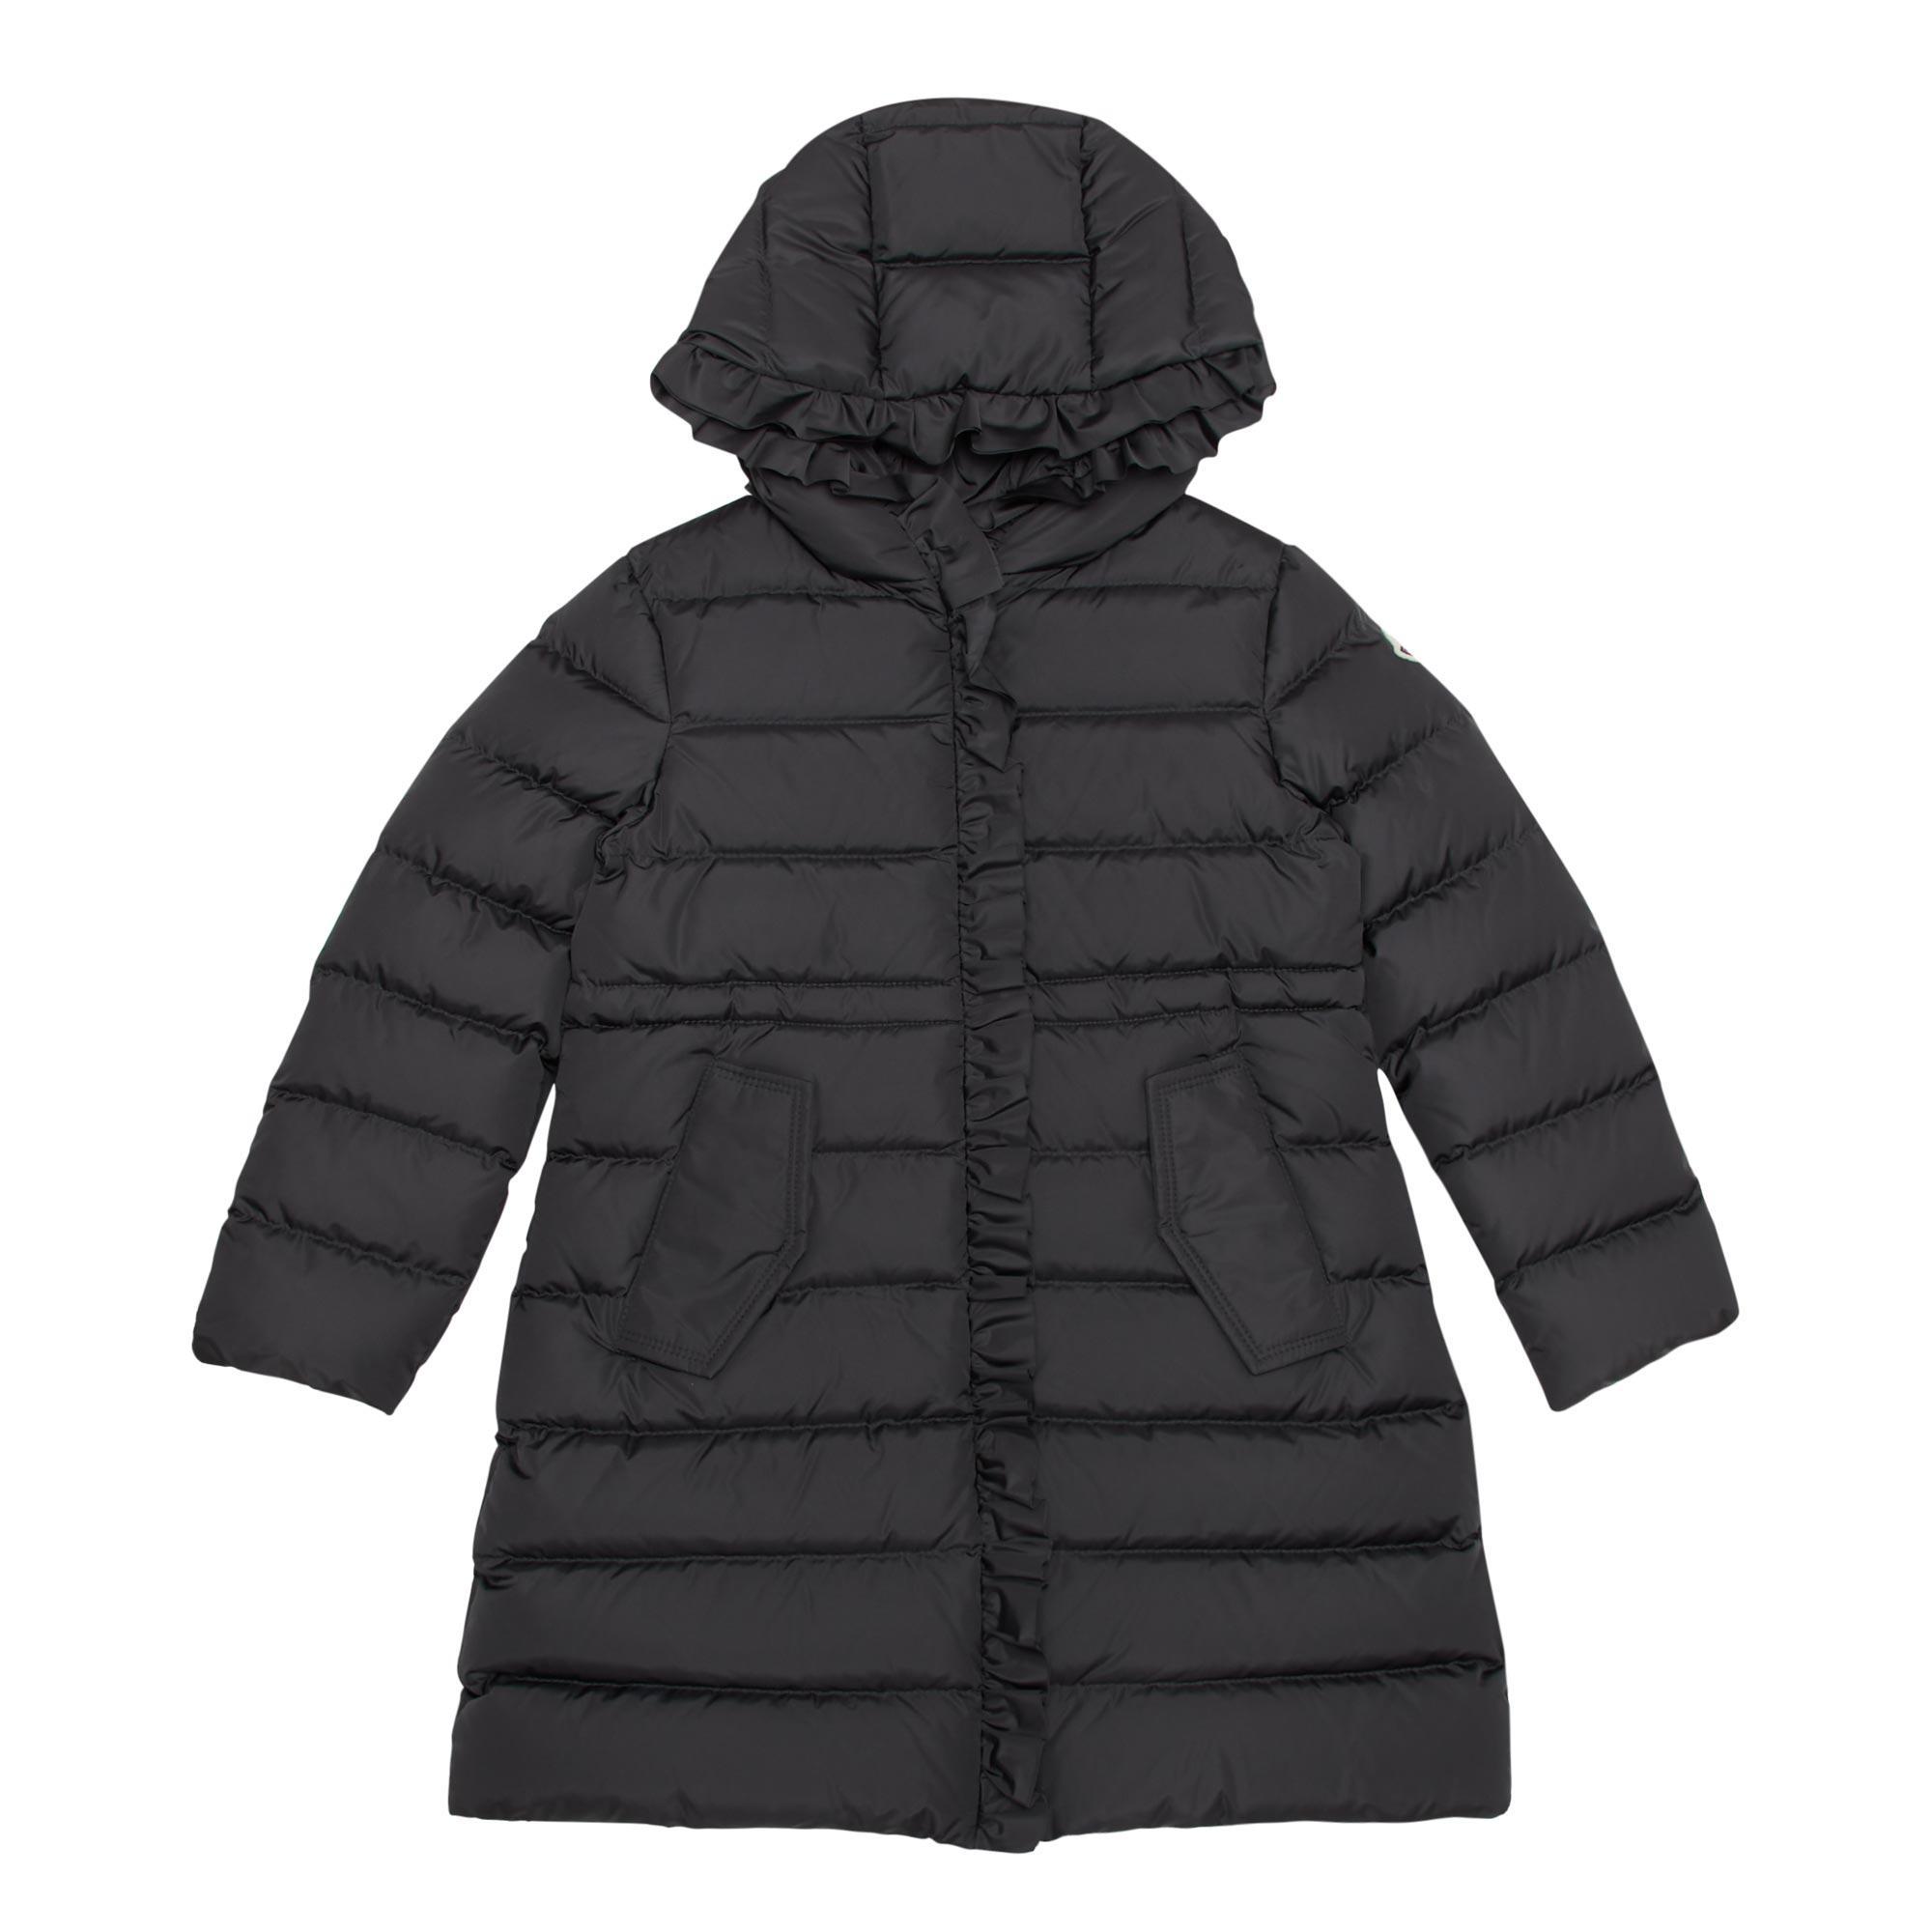 Vennal Frill Coat